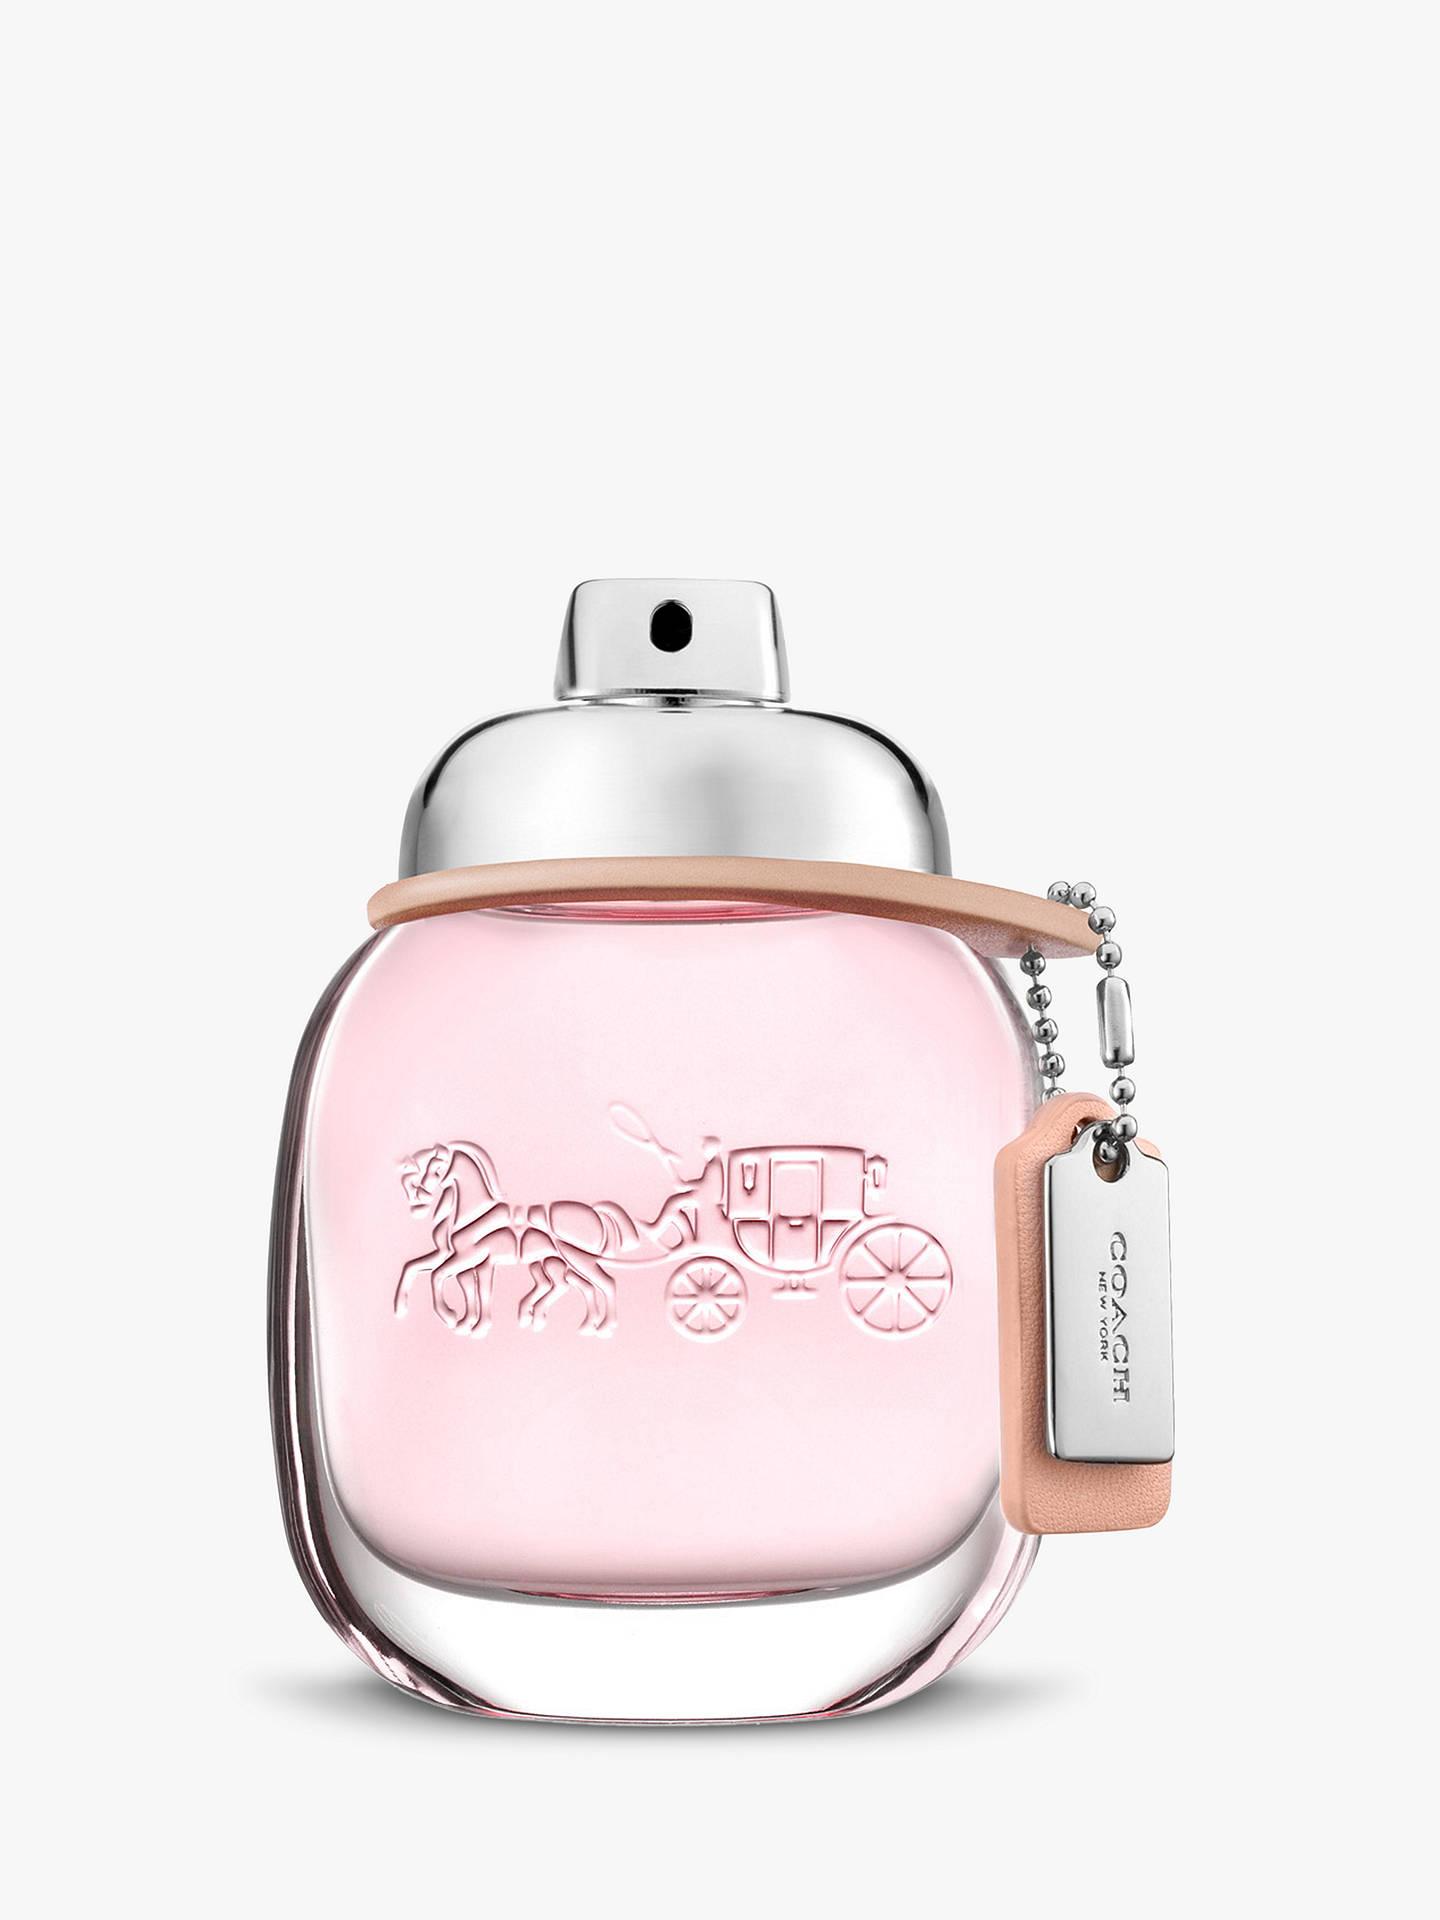 Coach The Fragrance Eau de Toilette at